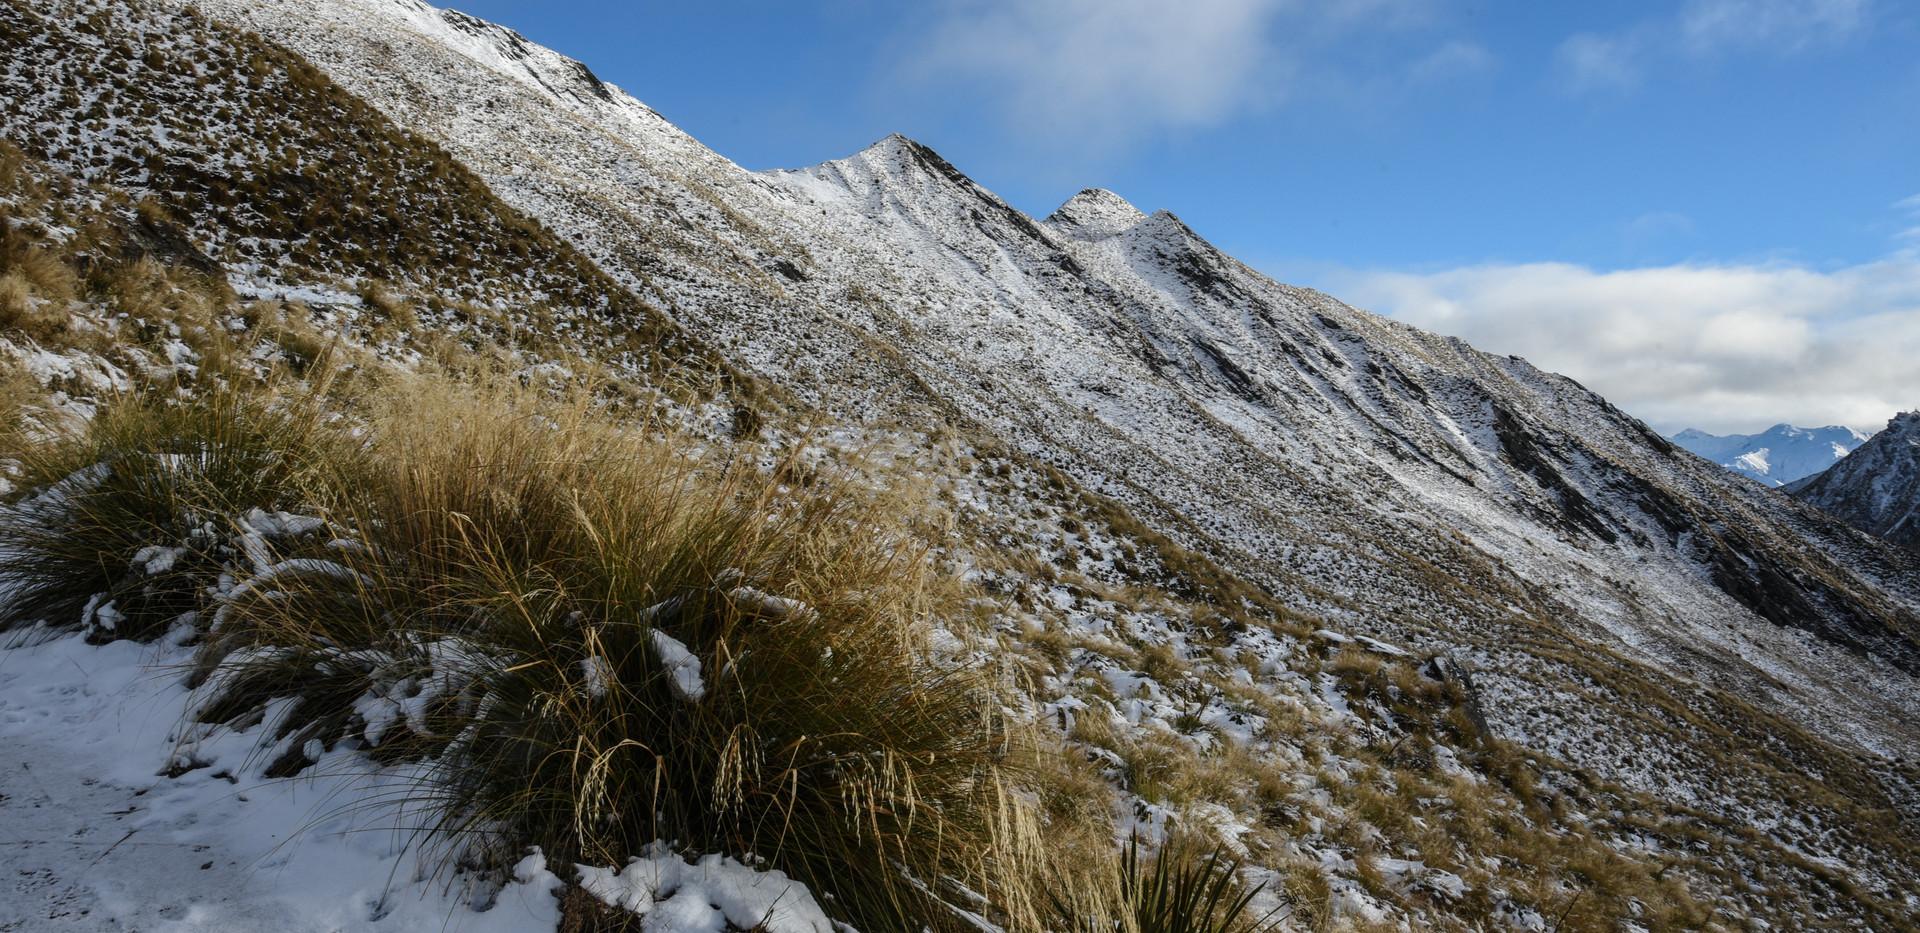 Snowy Summit